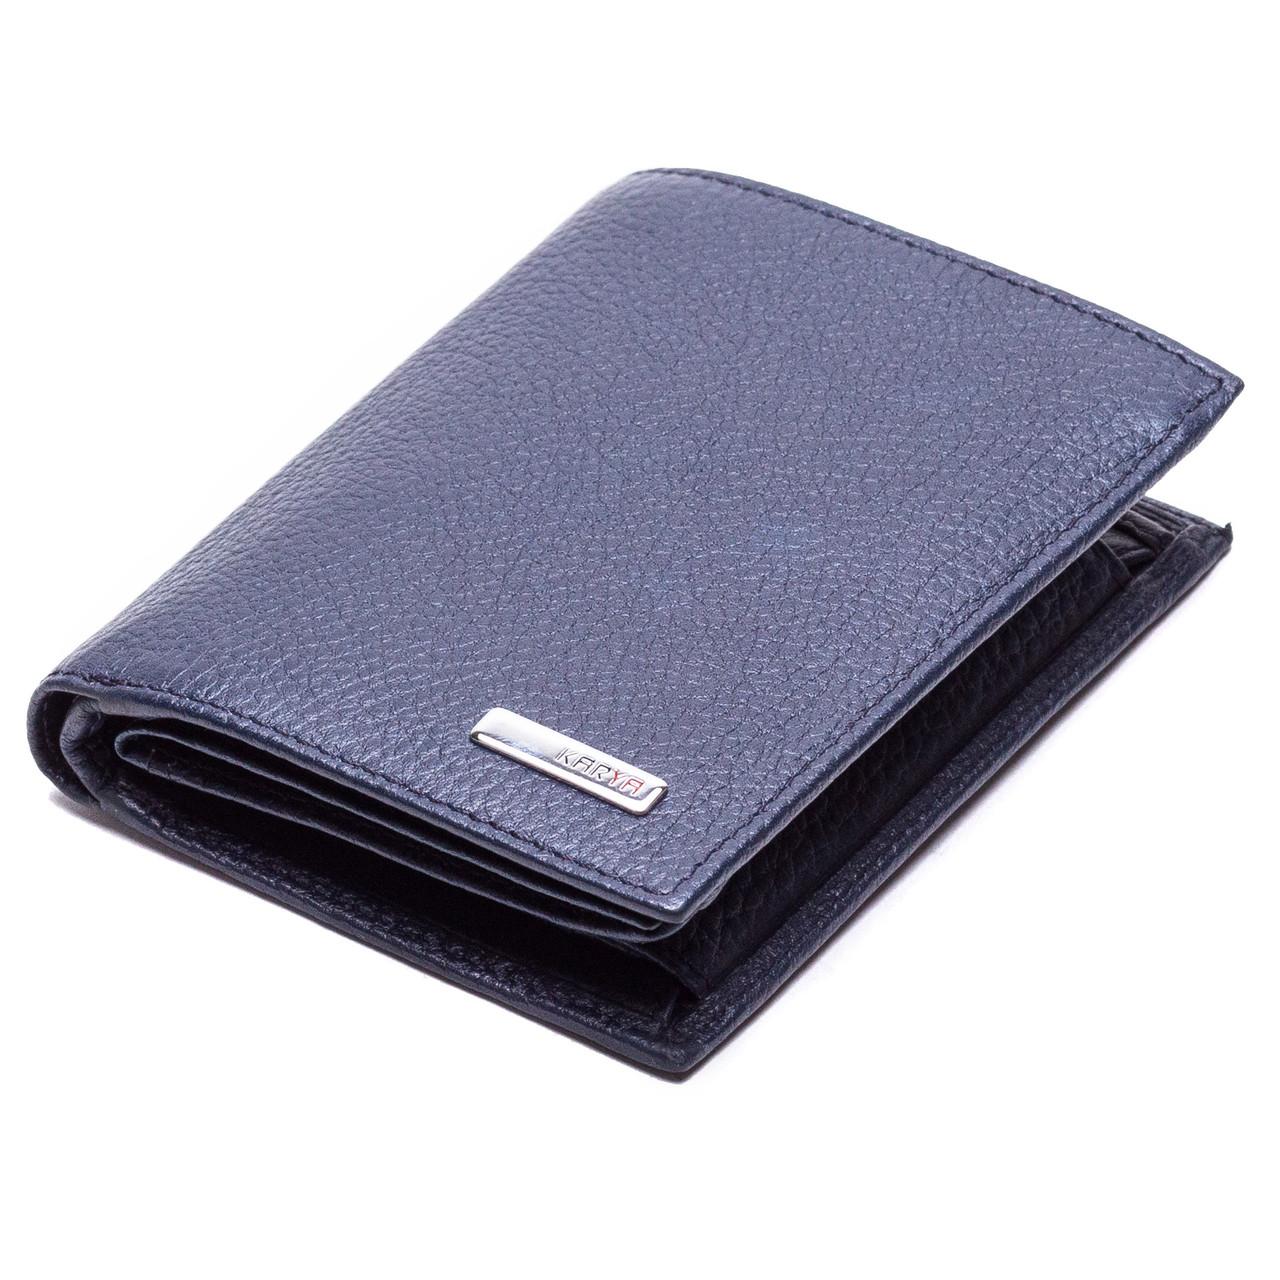 Мужское портмоне Karya 0932-44 кожаное синее